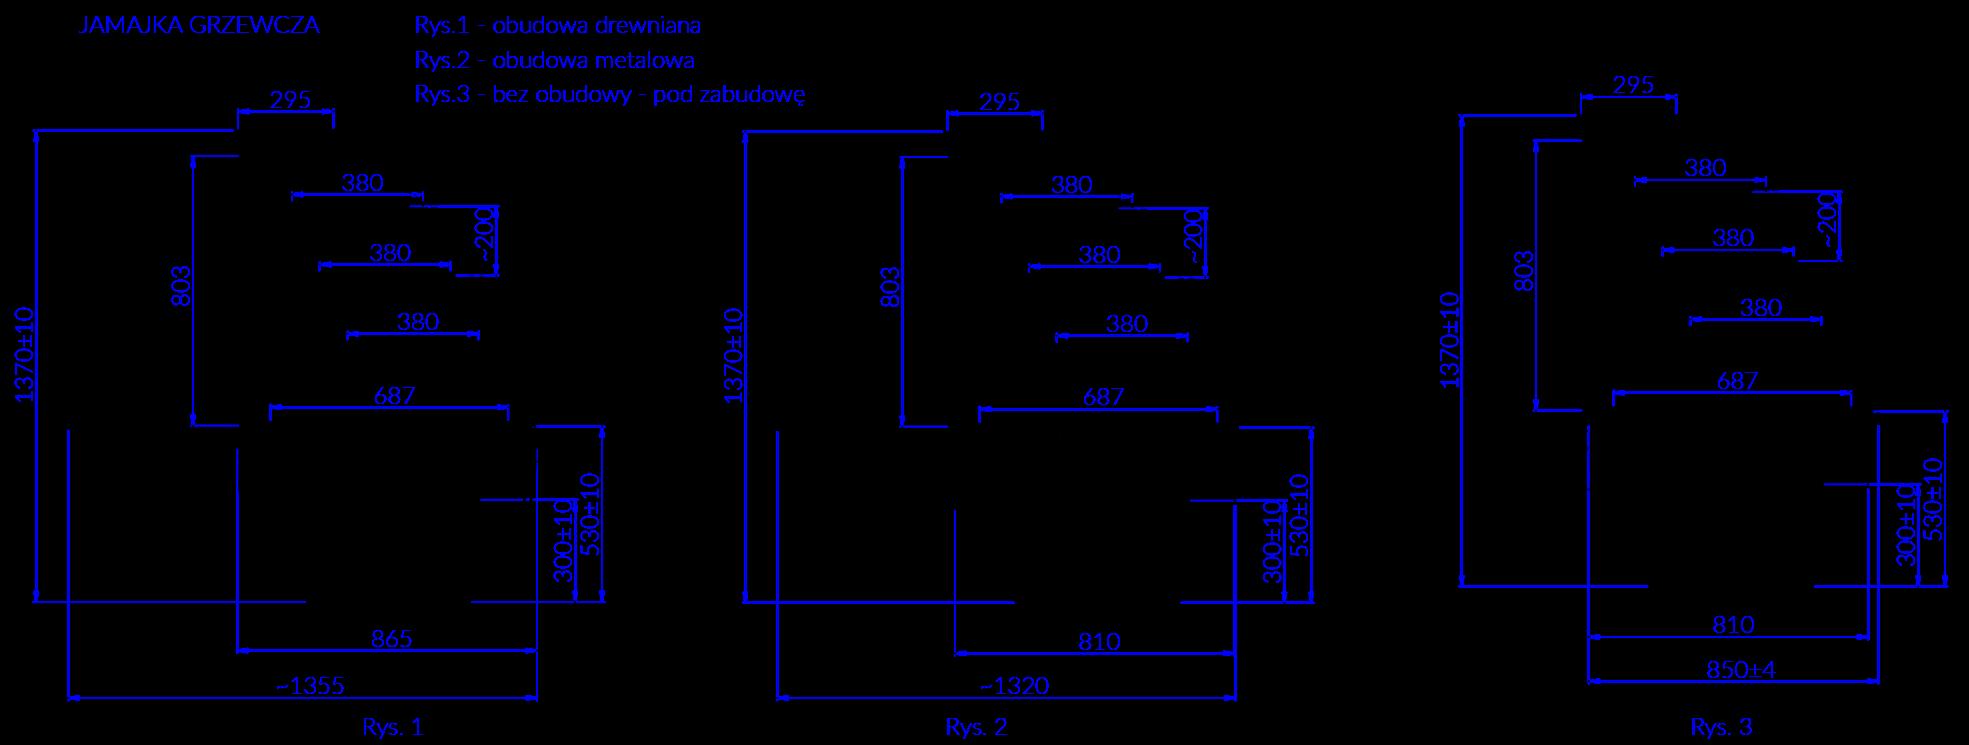 Technische Bezeichnung JAMAJKA G